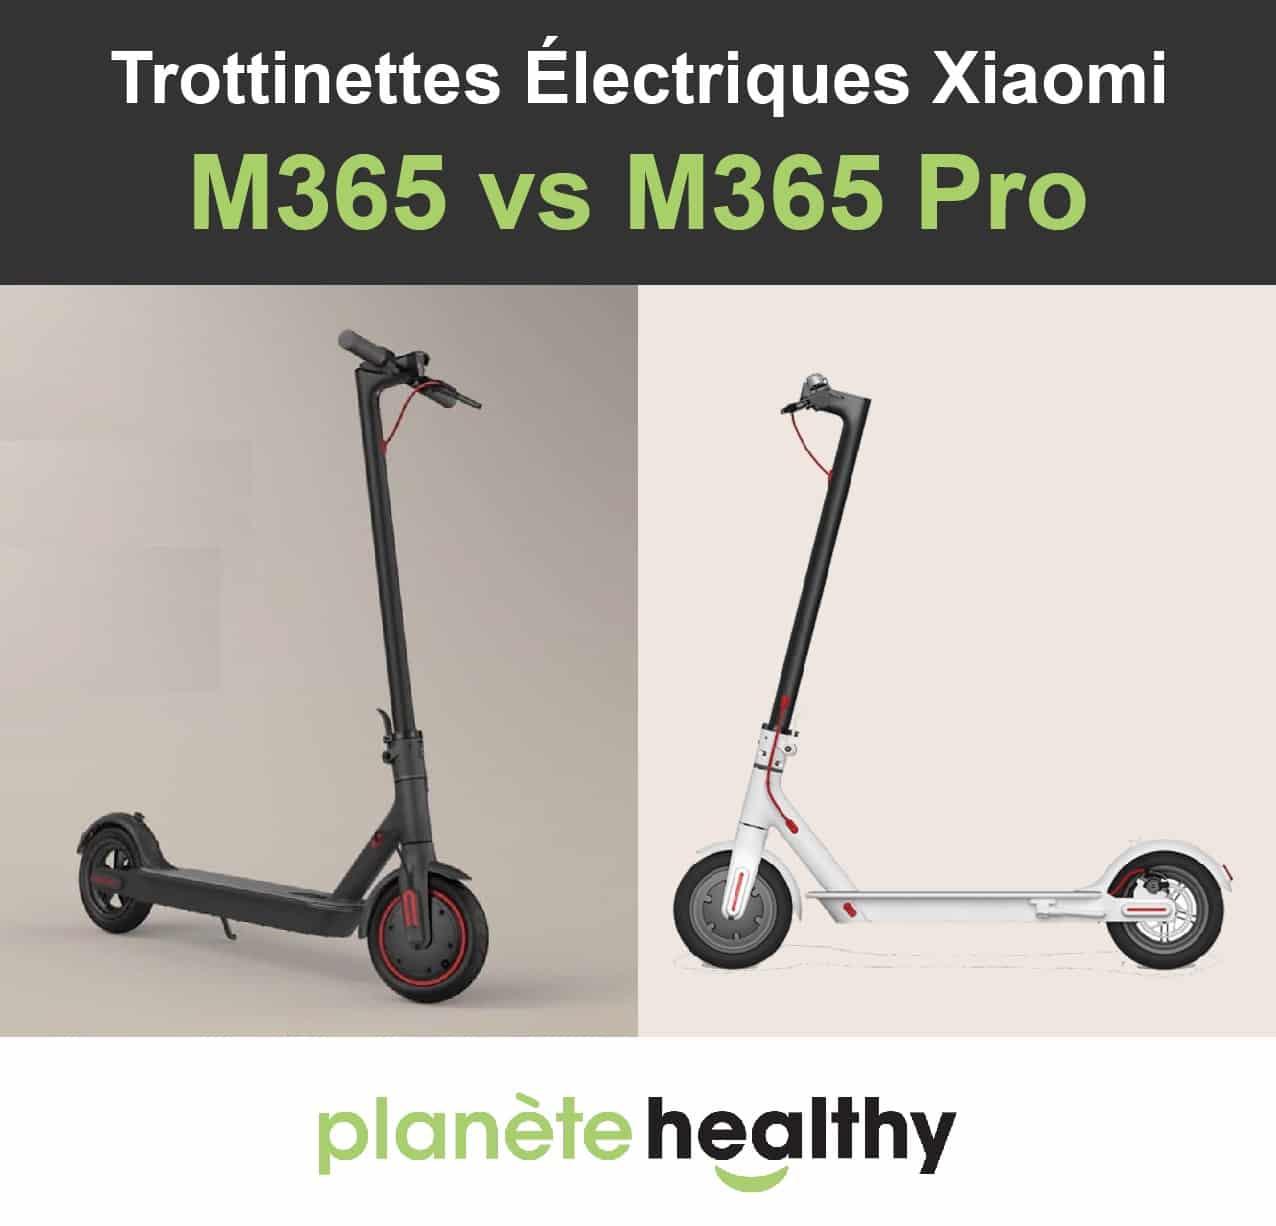 Trottinette électrique Xiaomi m365 et M365 Pro: Test & Avis [2020]